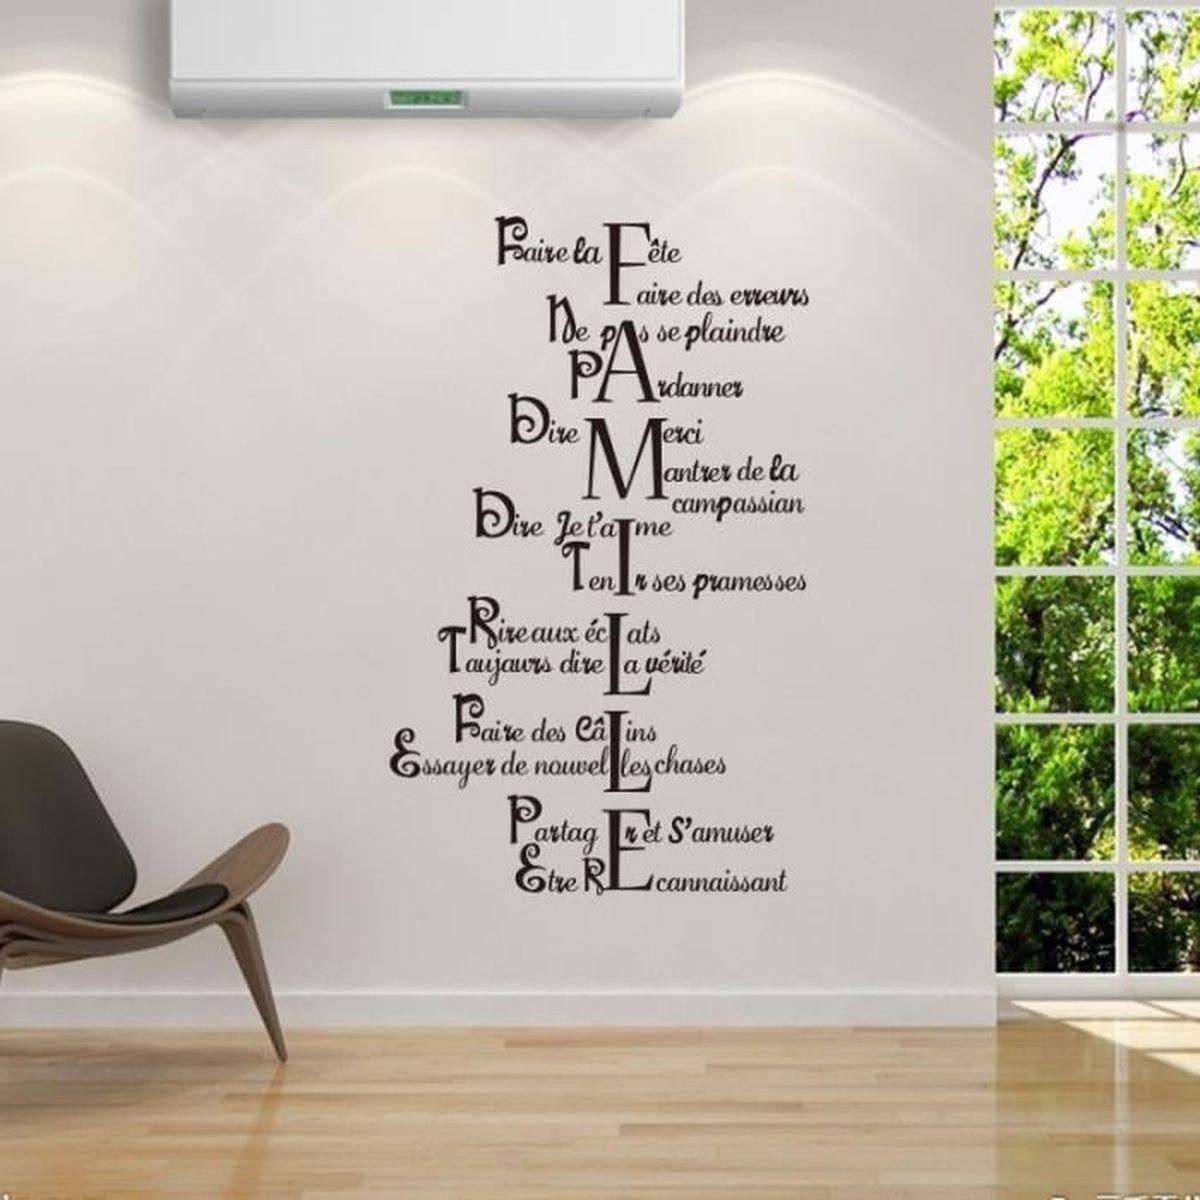 Faire Un Mur De Photos Décoration proverbes francais